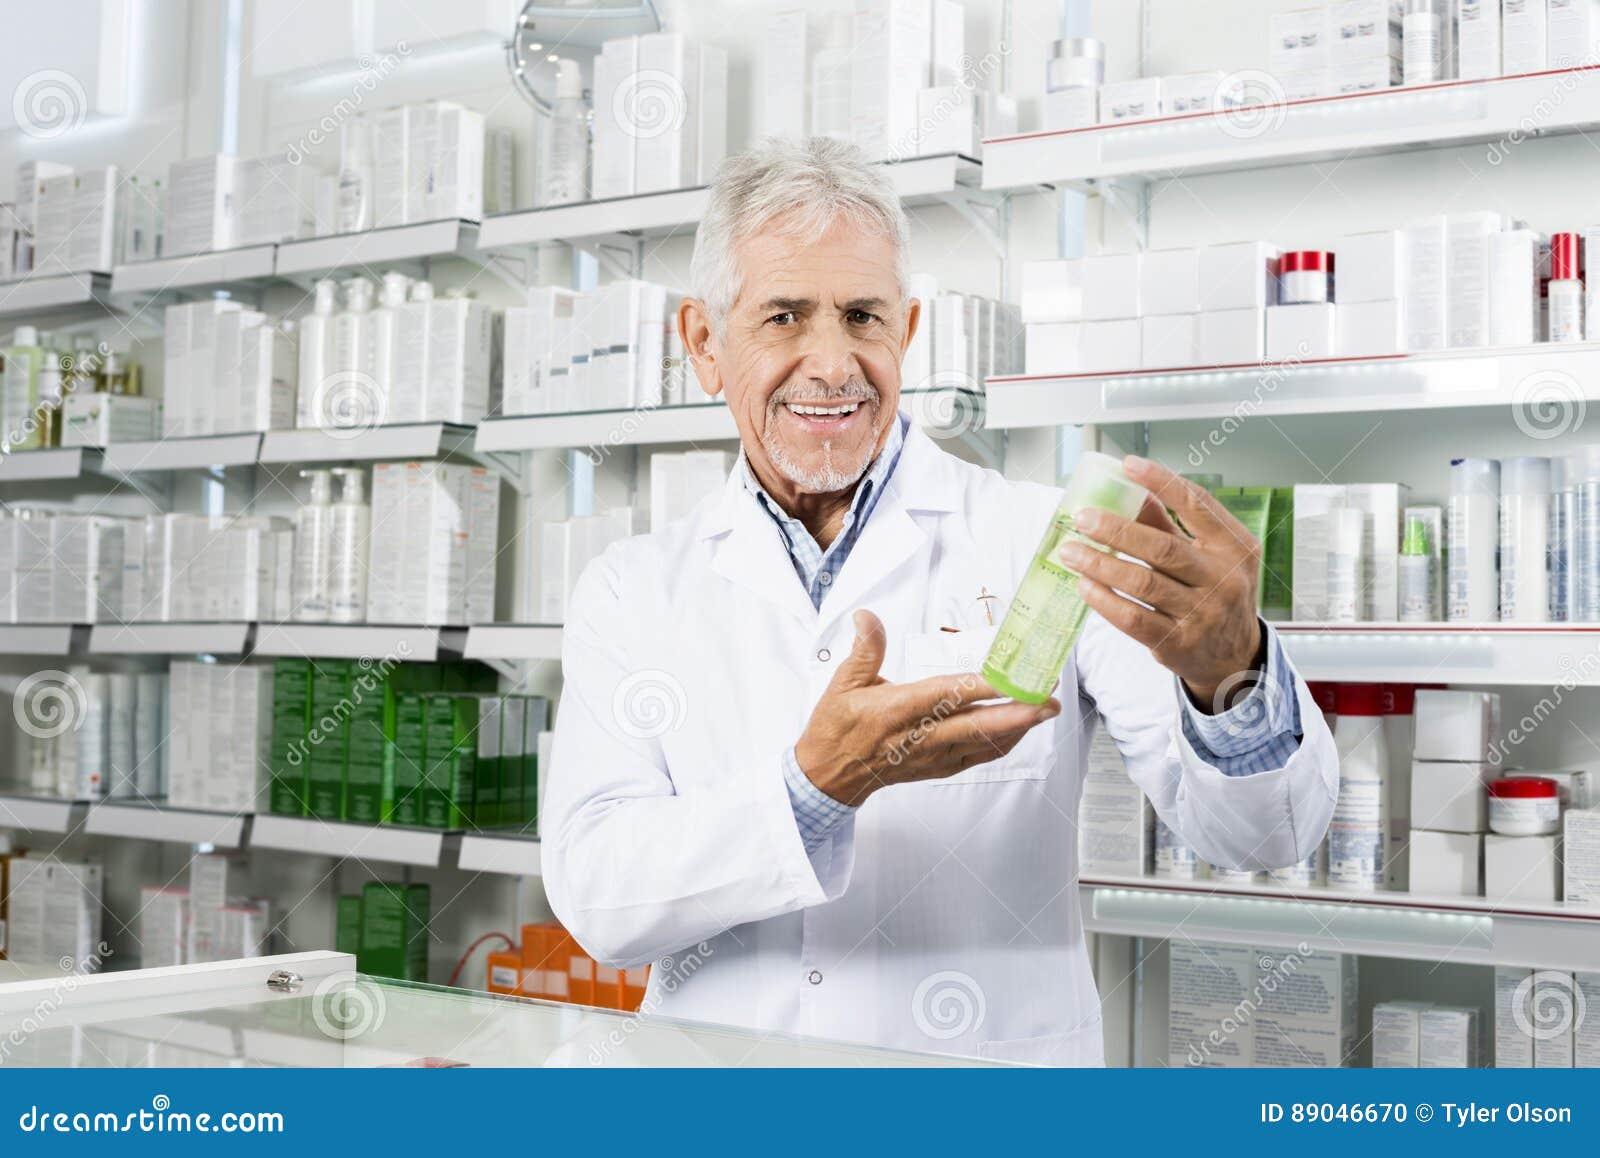 Βέβαιος φαρμακοποιός που χαμογελά ενώ προϊόν εκμετάλλευσης στο φαρμακείο